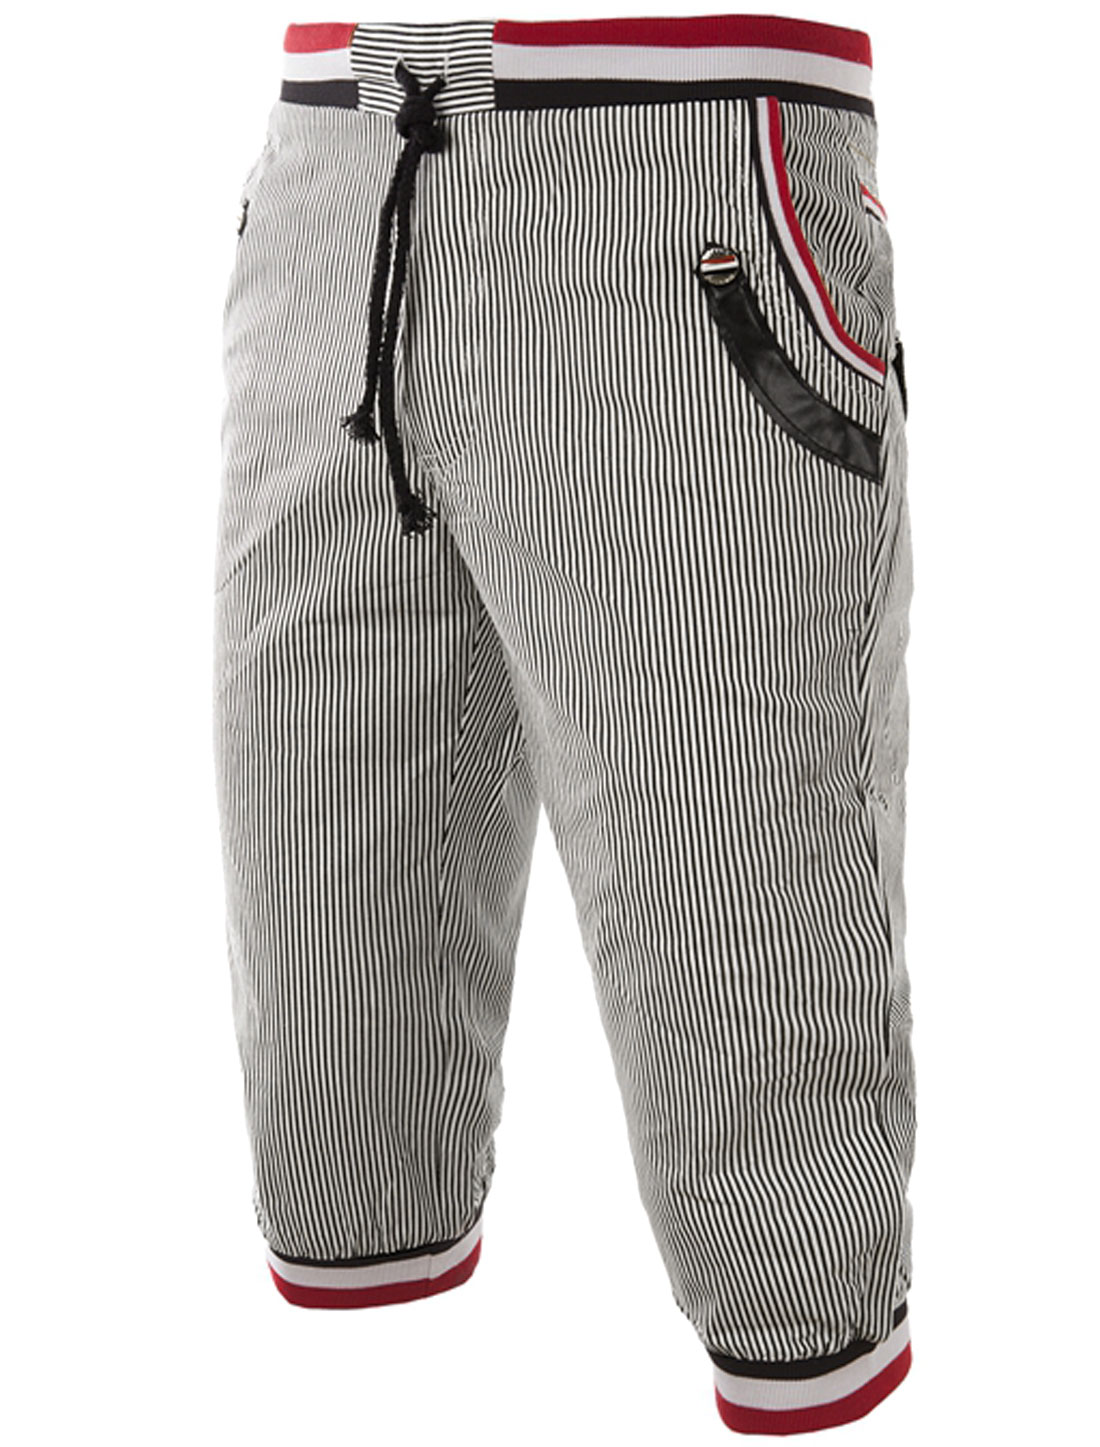 Men Drawstring Waist Stripes Ribbed Cuffs Capris Pants Black White XS